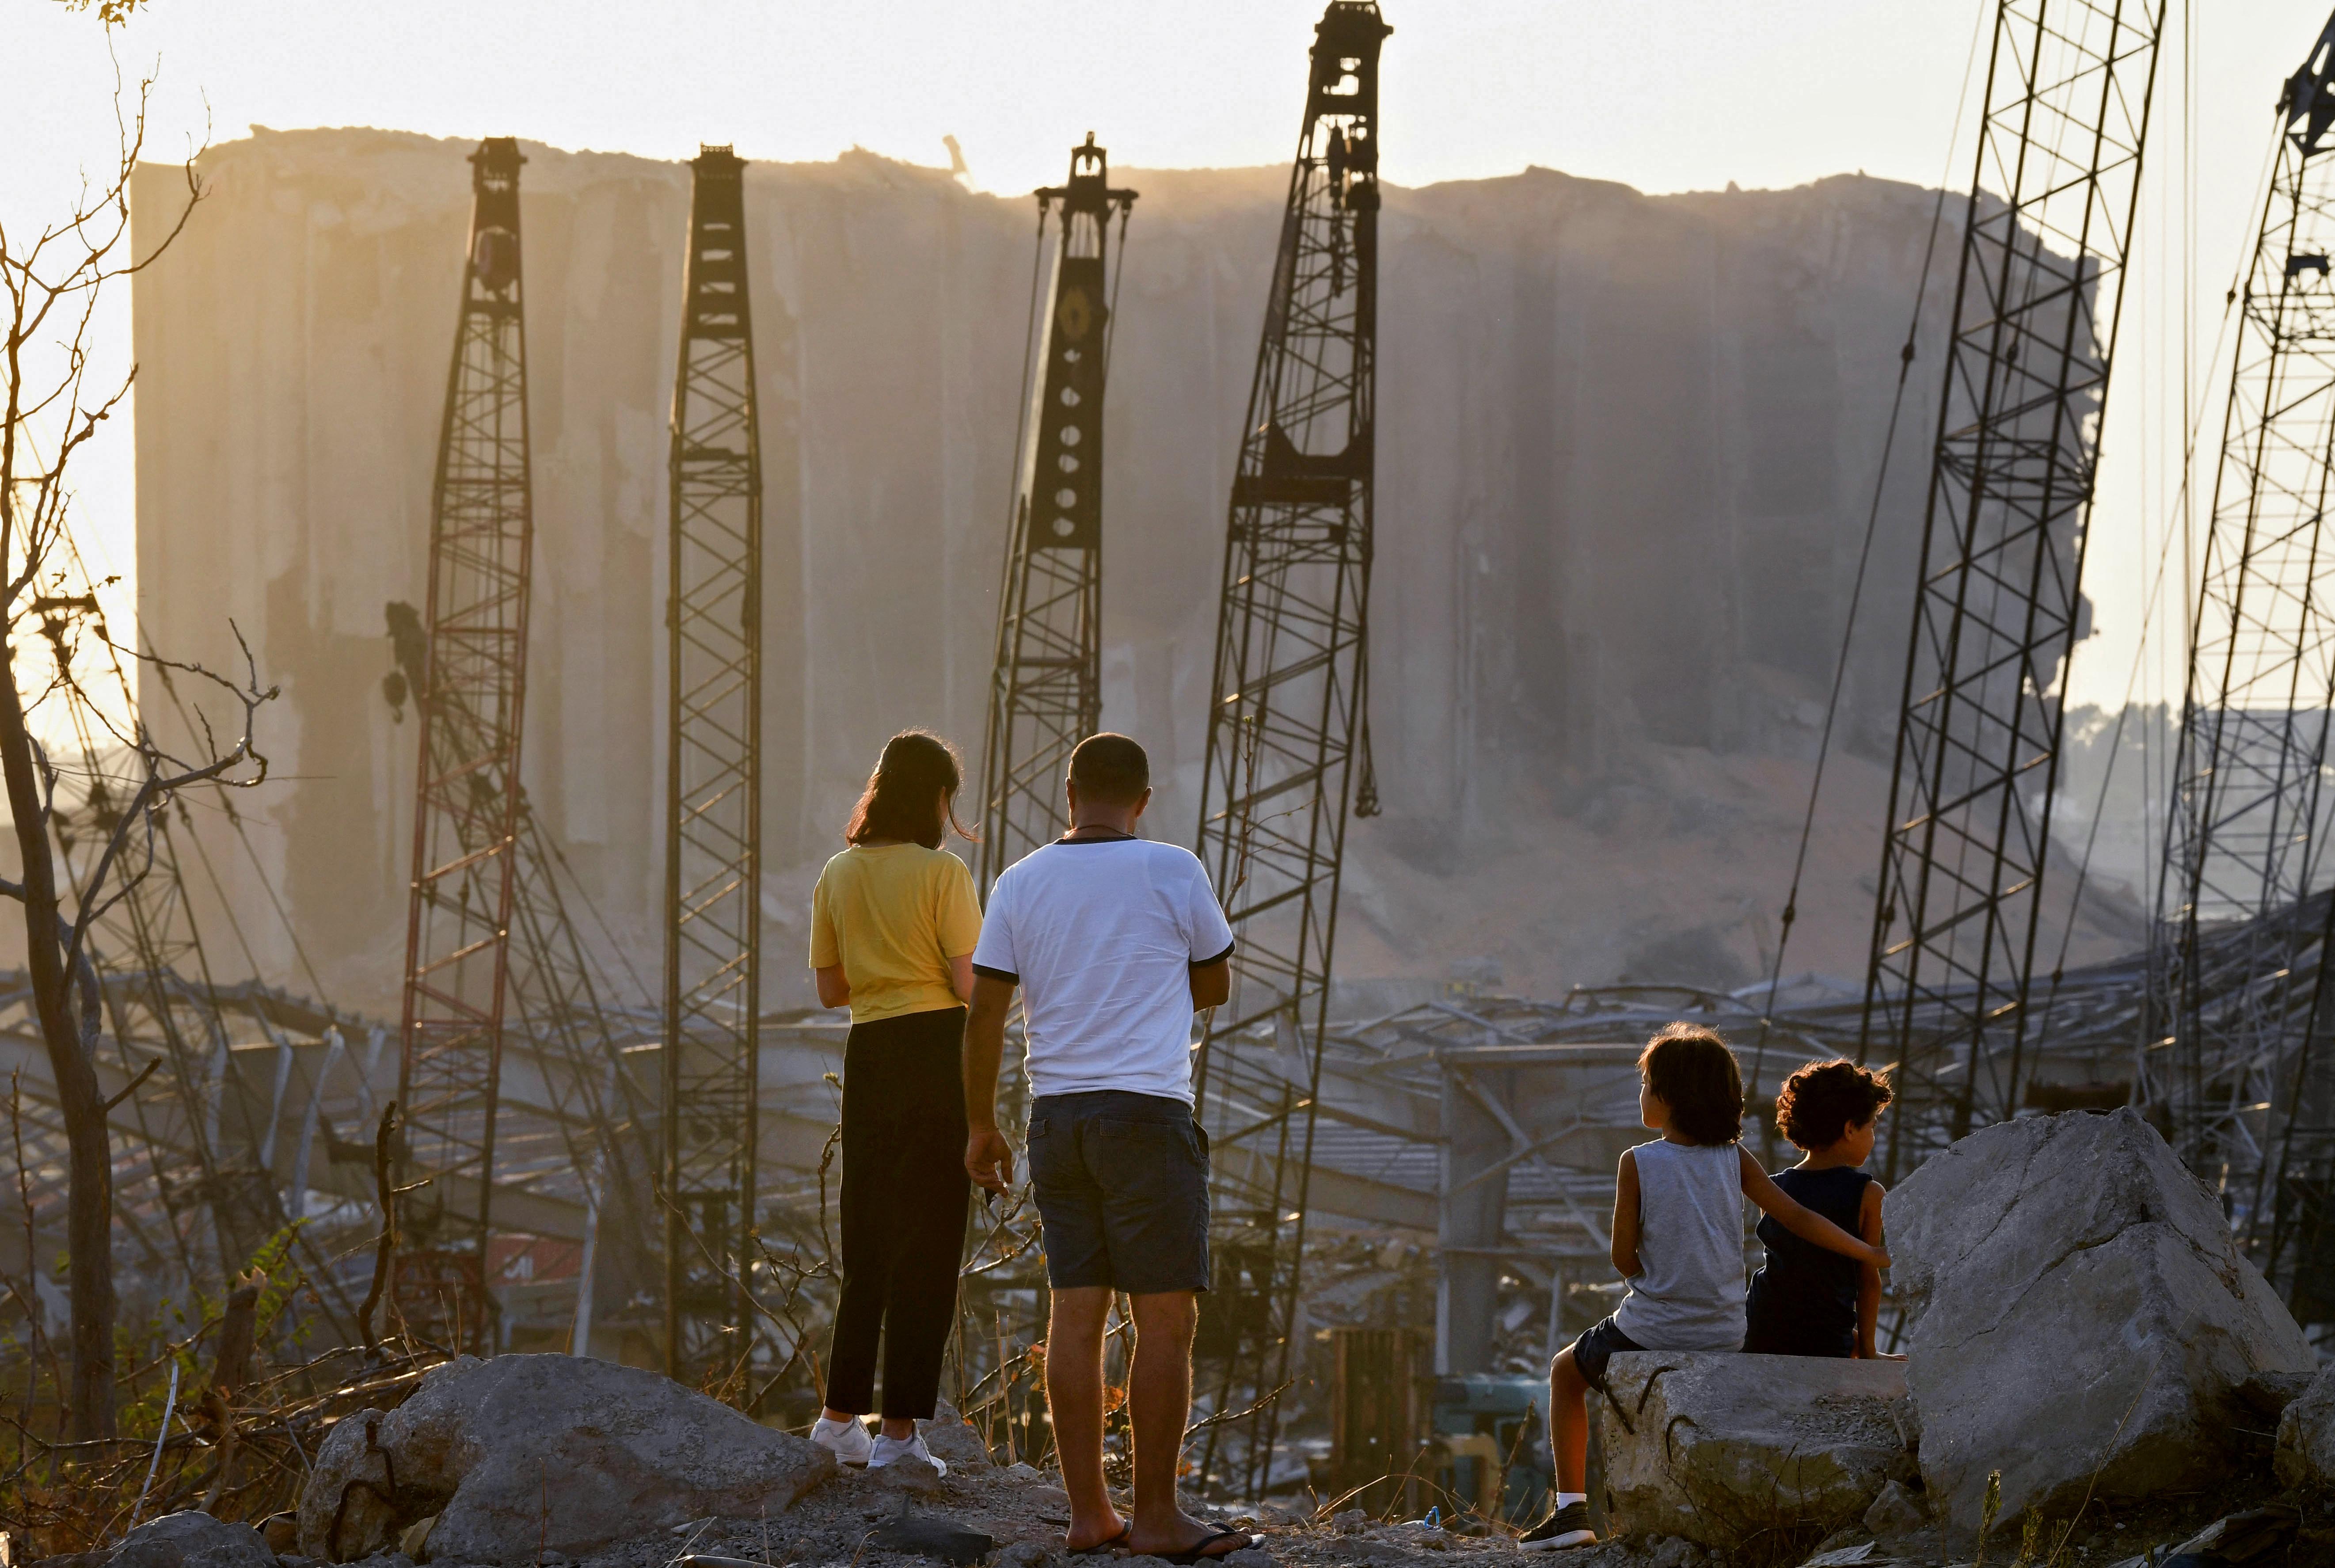 ارتفاع الدولار في لبنان يشغل بال الكبار والصغار. أرشيفية